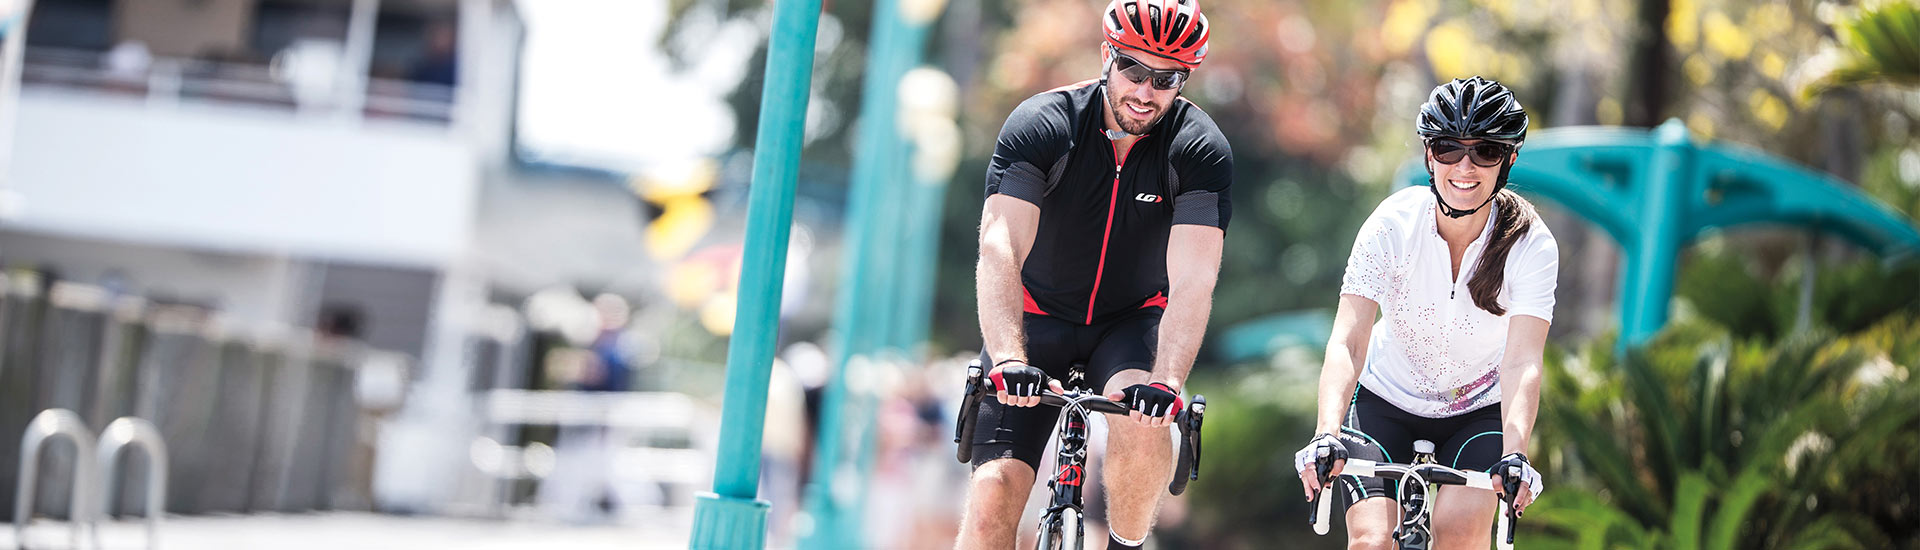 Nouvelles mesures pour les cyclistes